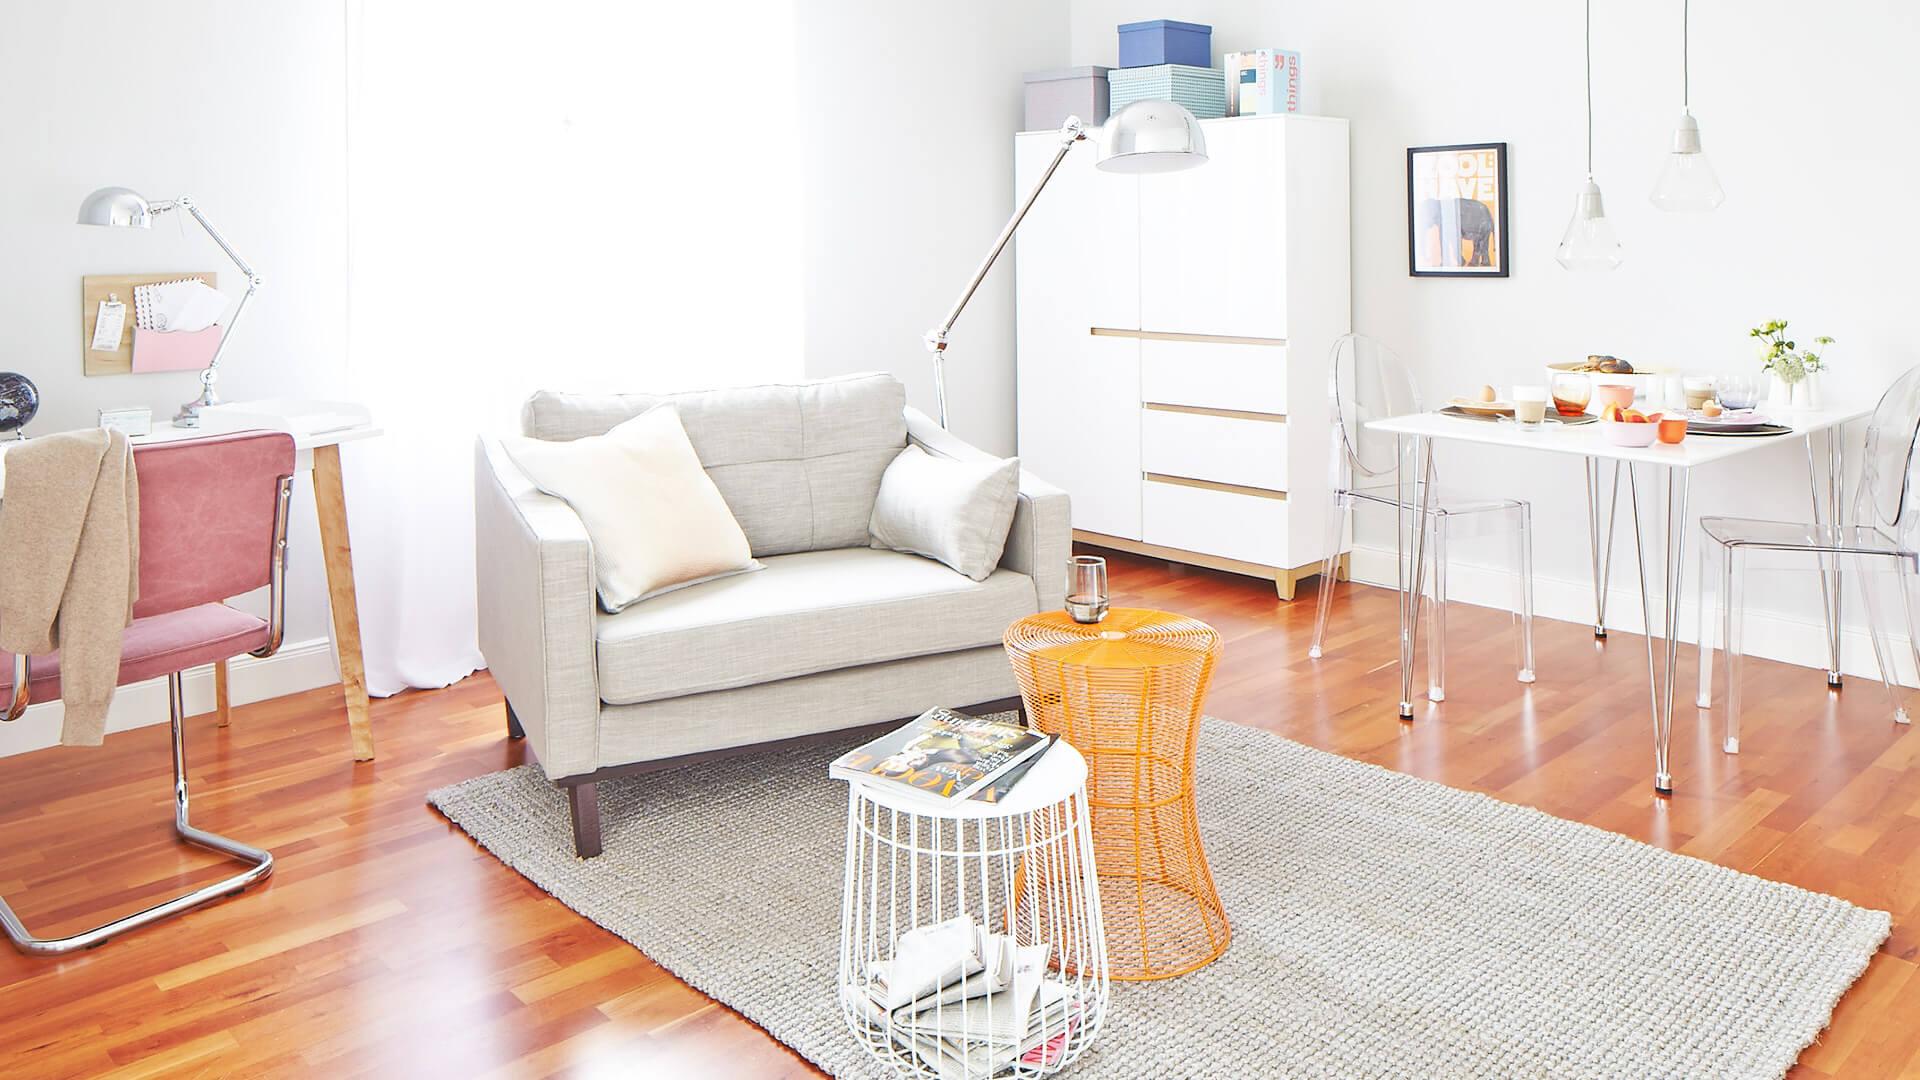 kleiner raum ganz gro so funktioniert unser look auch bei ihnen. Black Bedroom Furniture Sets. Home Design Ideas